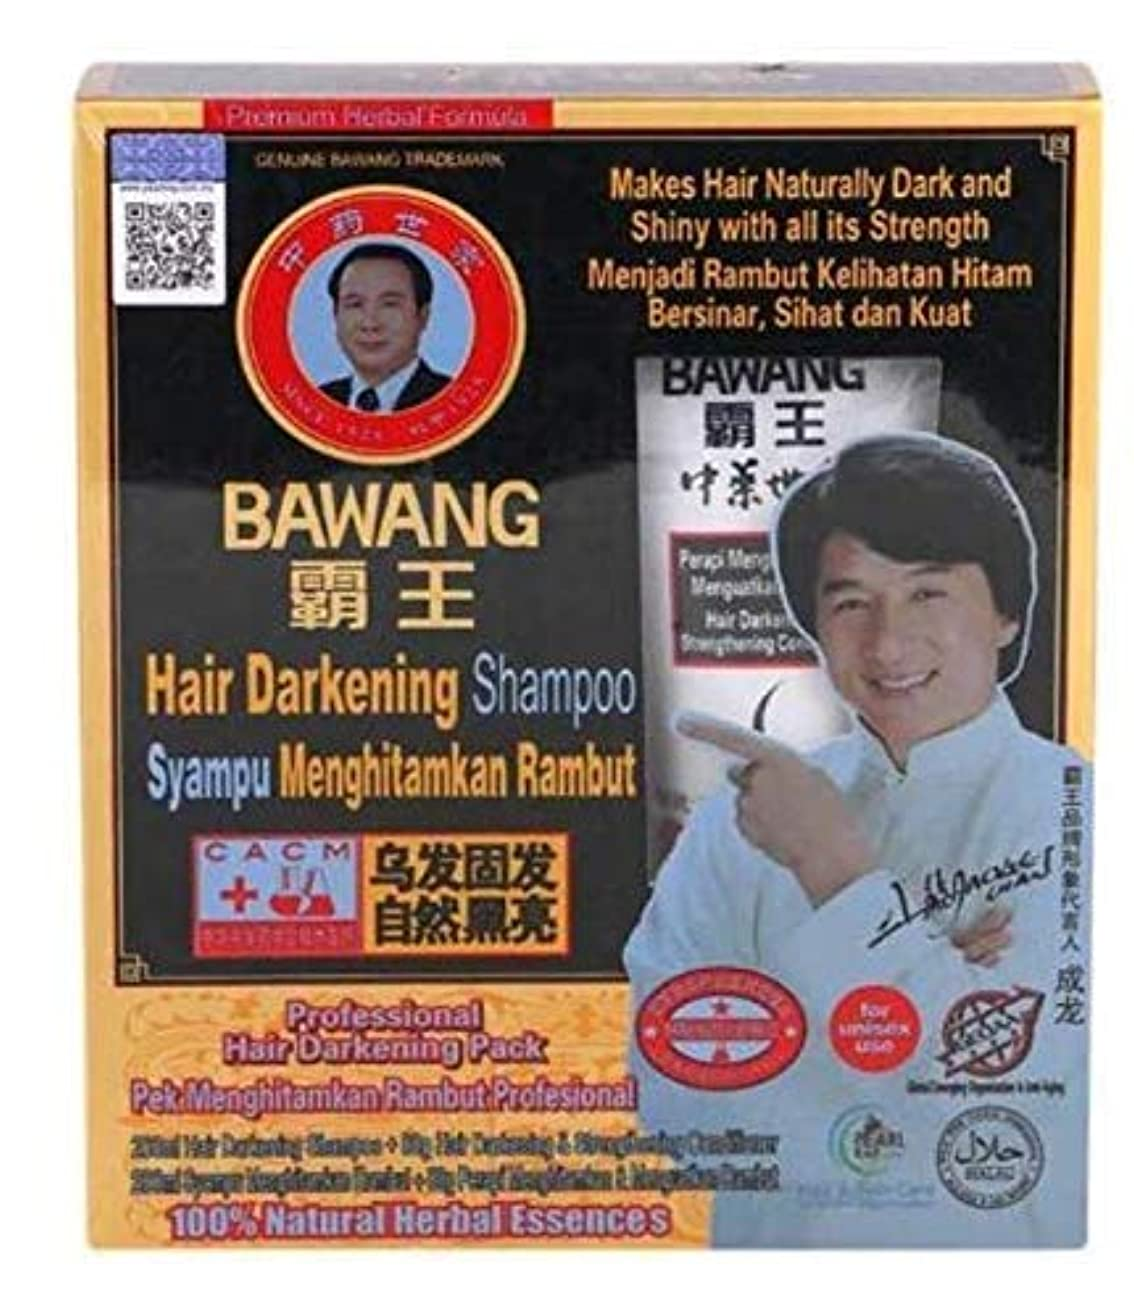 狂乱のみ振り返るBAWANG プロフェッショナル髪黒い袋200ミリリットル+ 80グラム